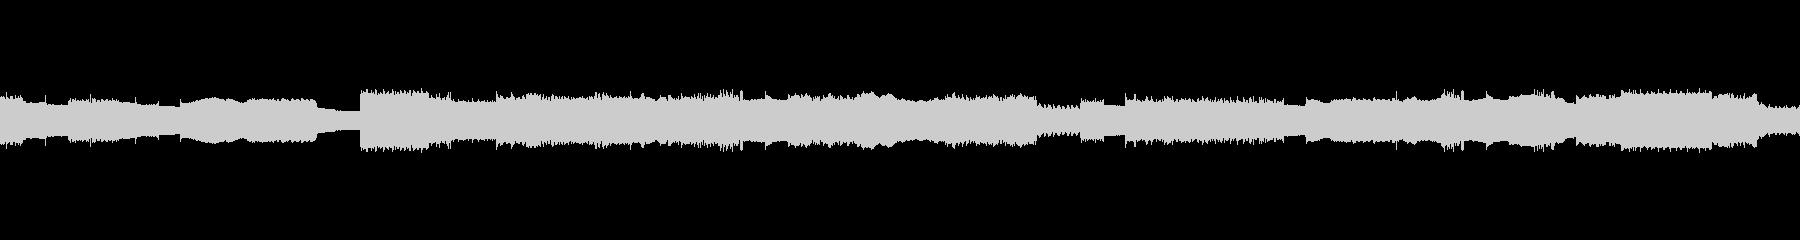 ファミコン風レトロRPG-教会/ほこらの未再生の波形